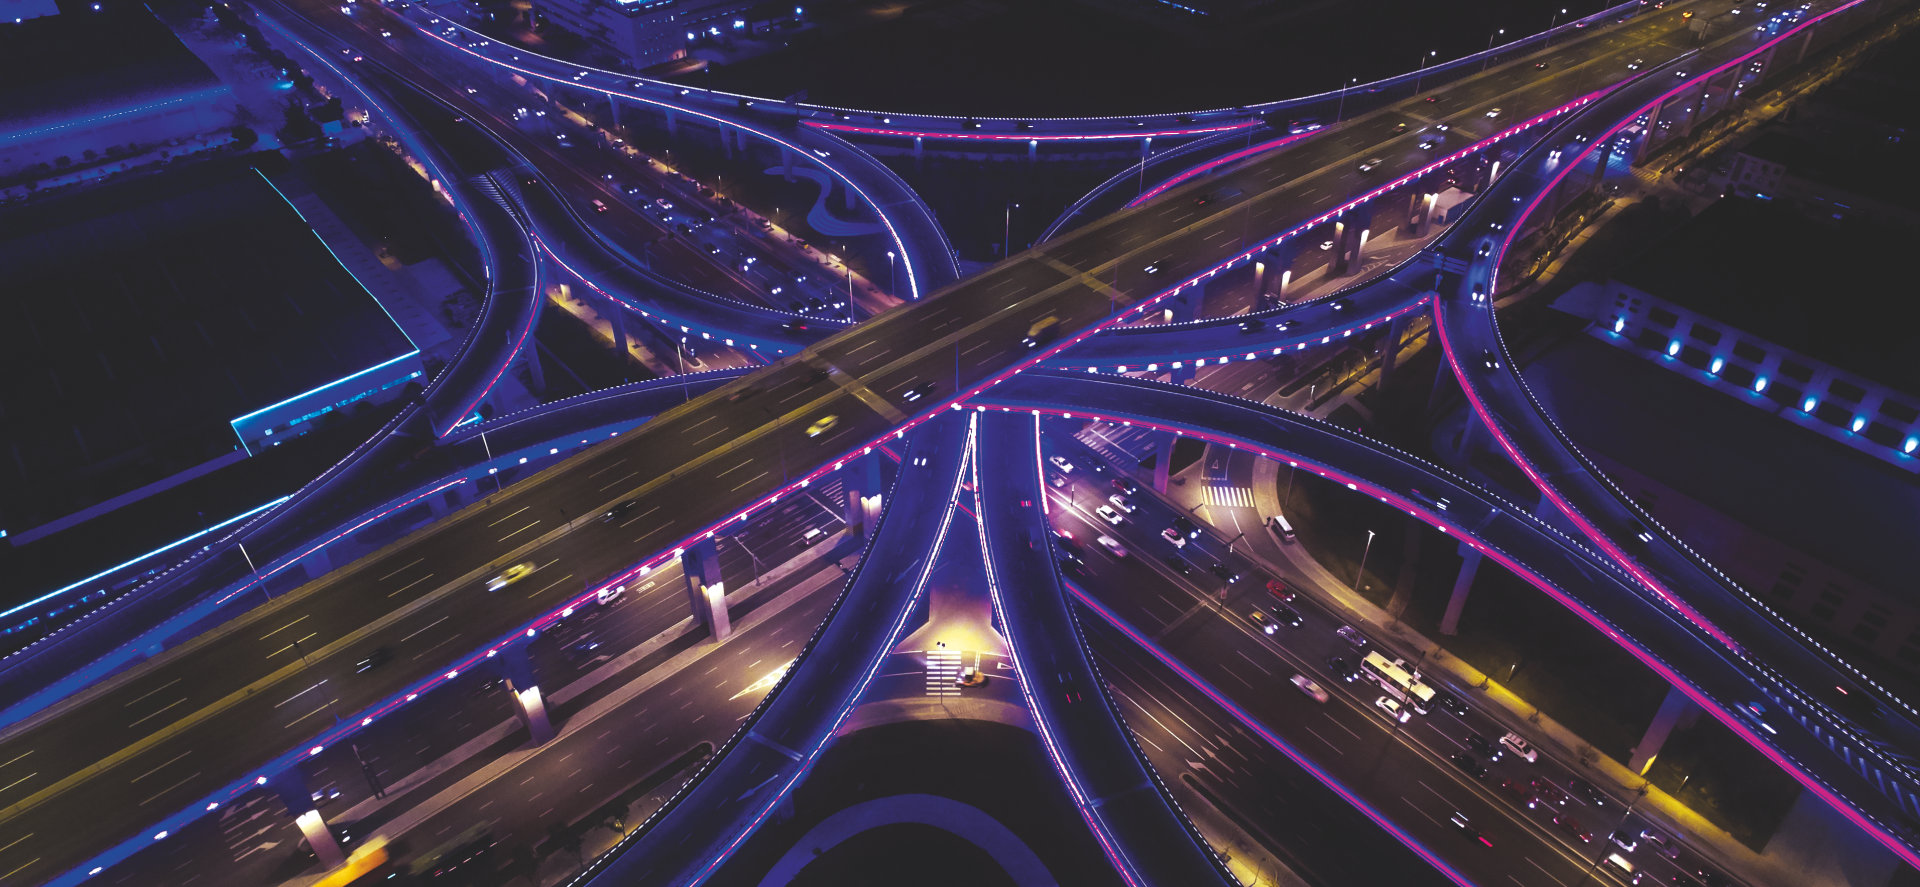 Luce per le città intelligenti e gli spazi pubblici